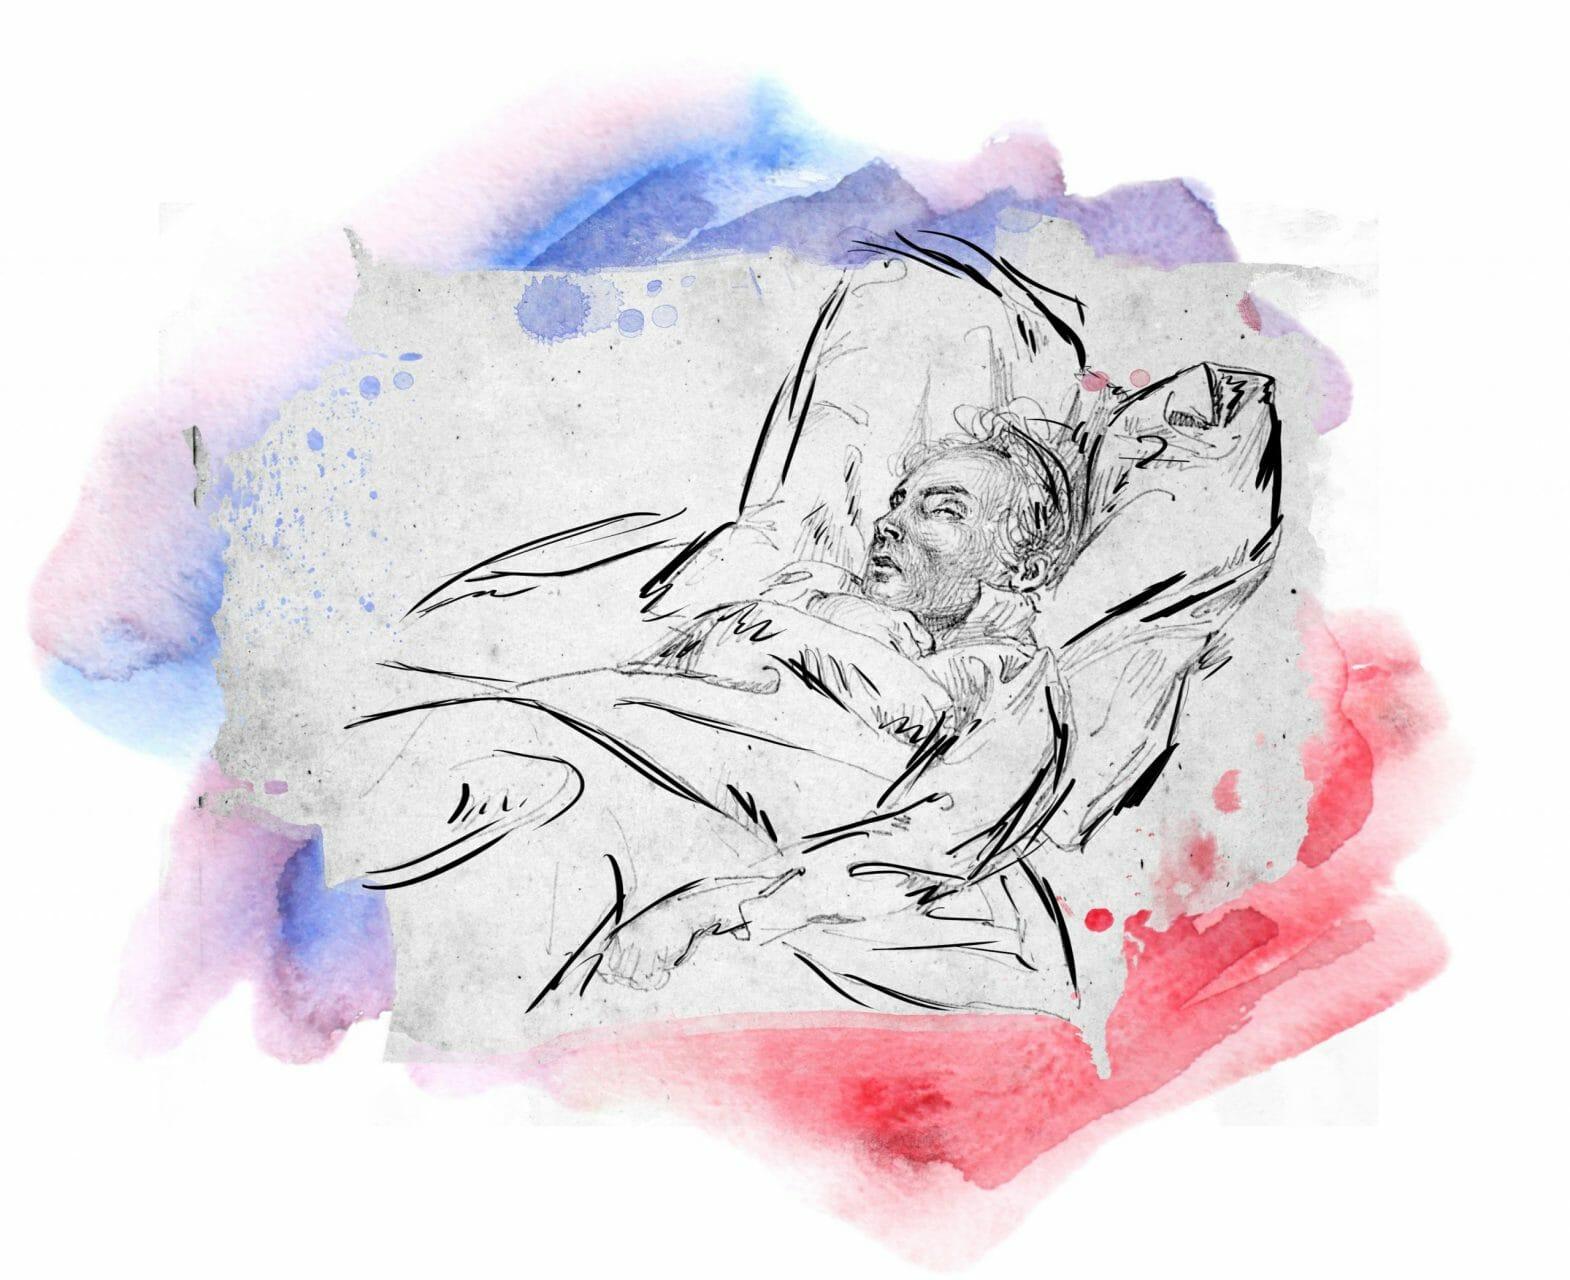 Zeichnung eines Mannes in einem Bett. Er scheint friedlich zu schlafen.